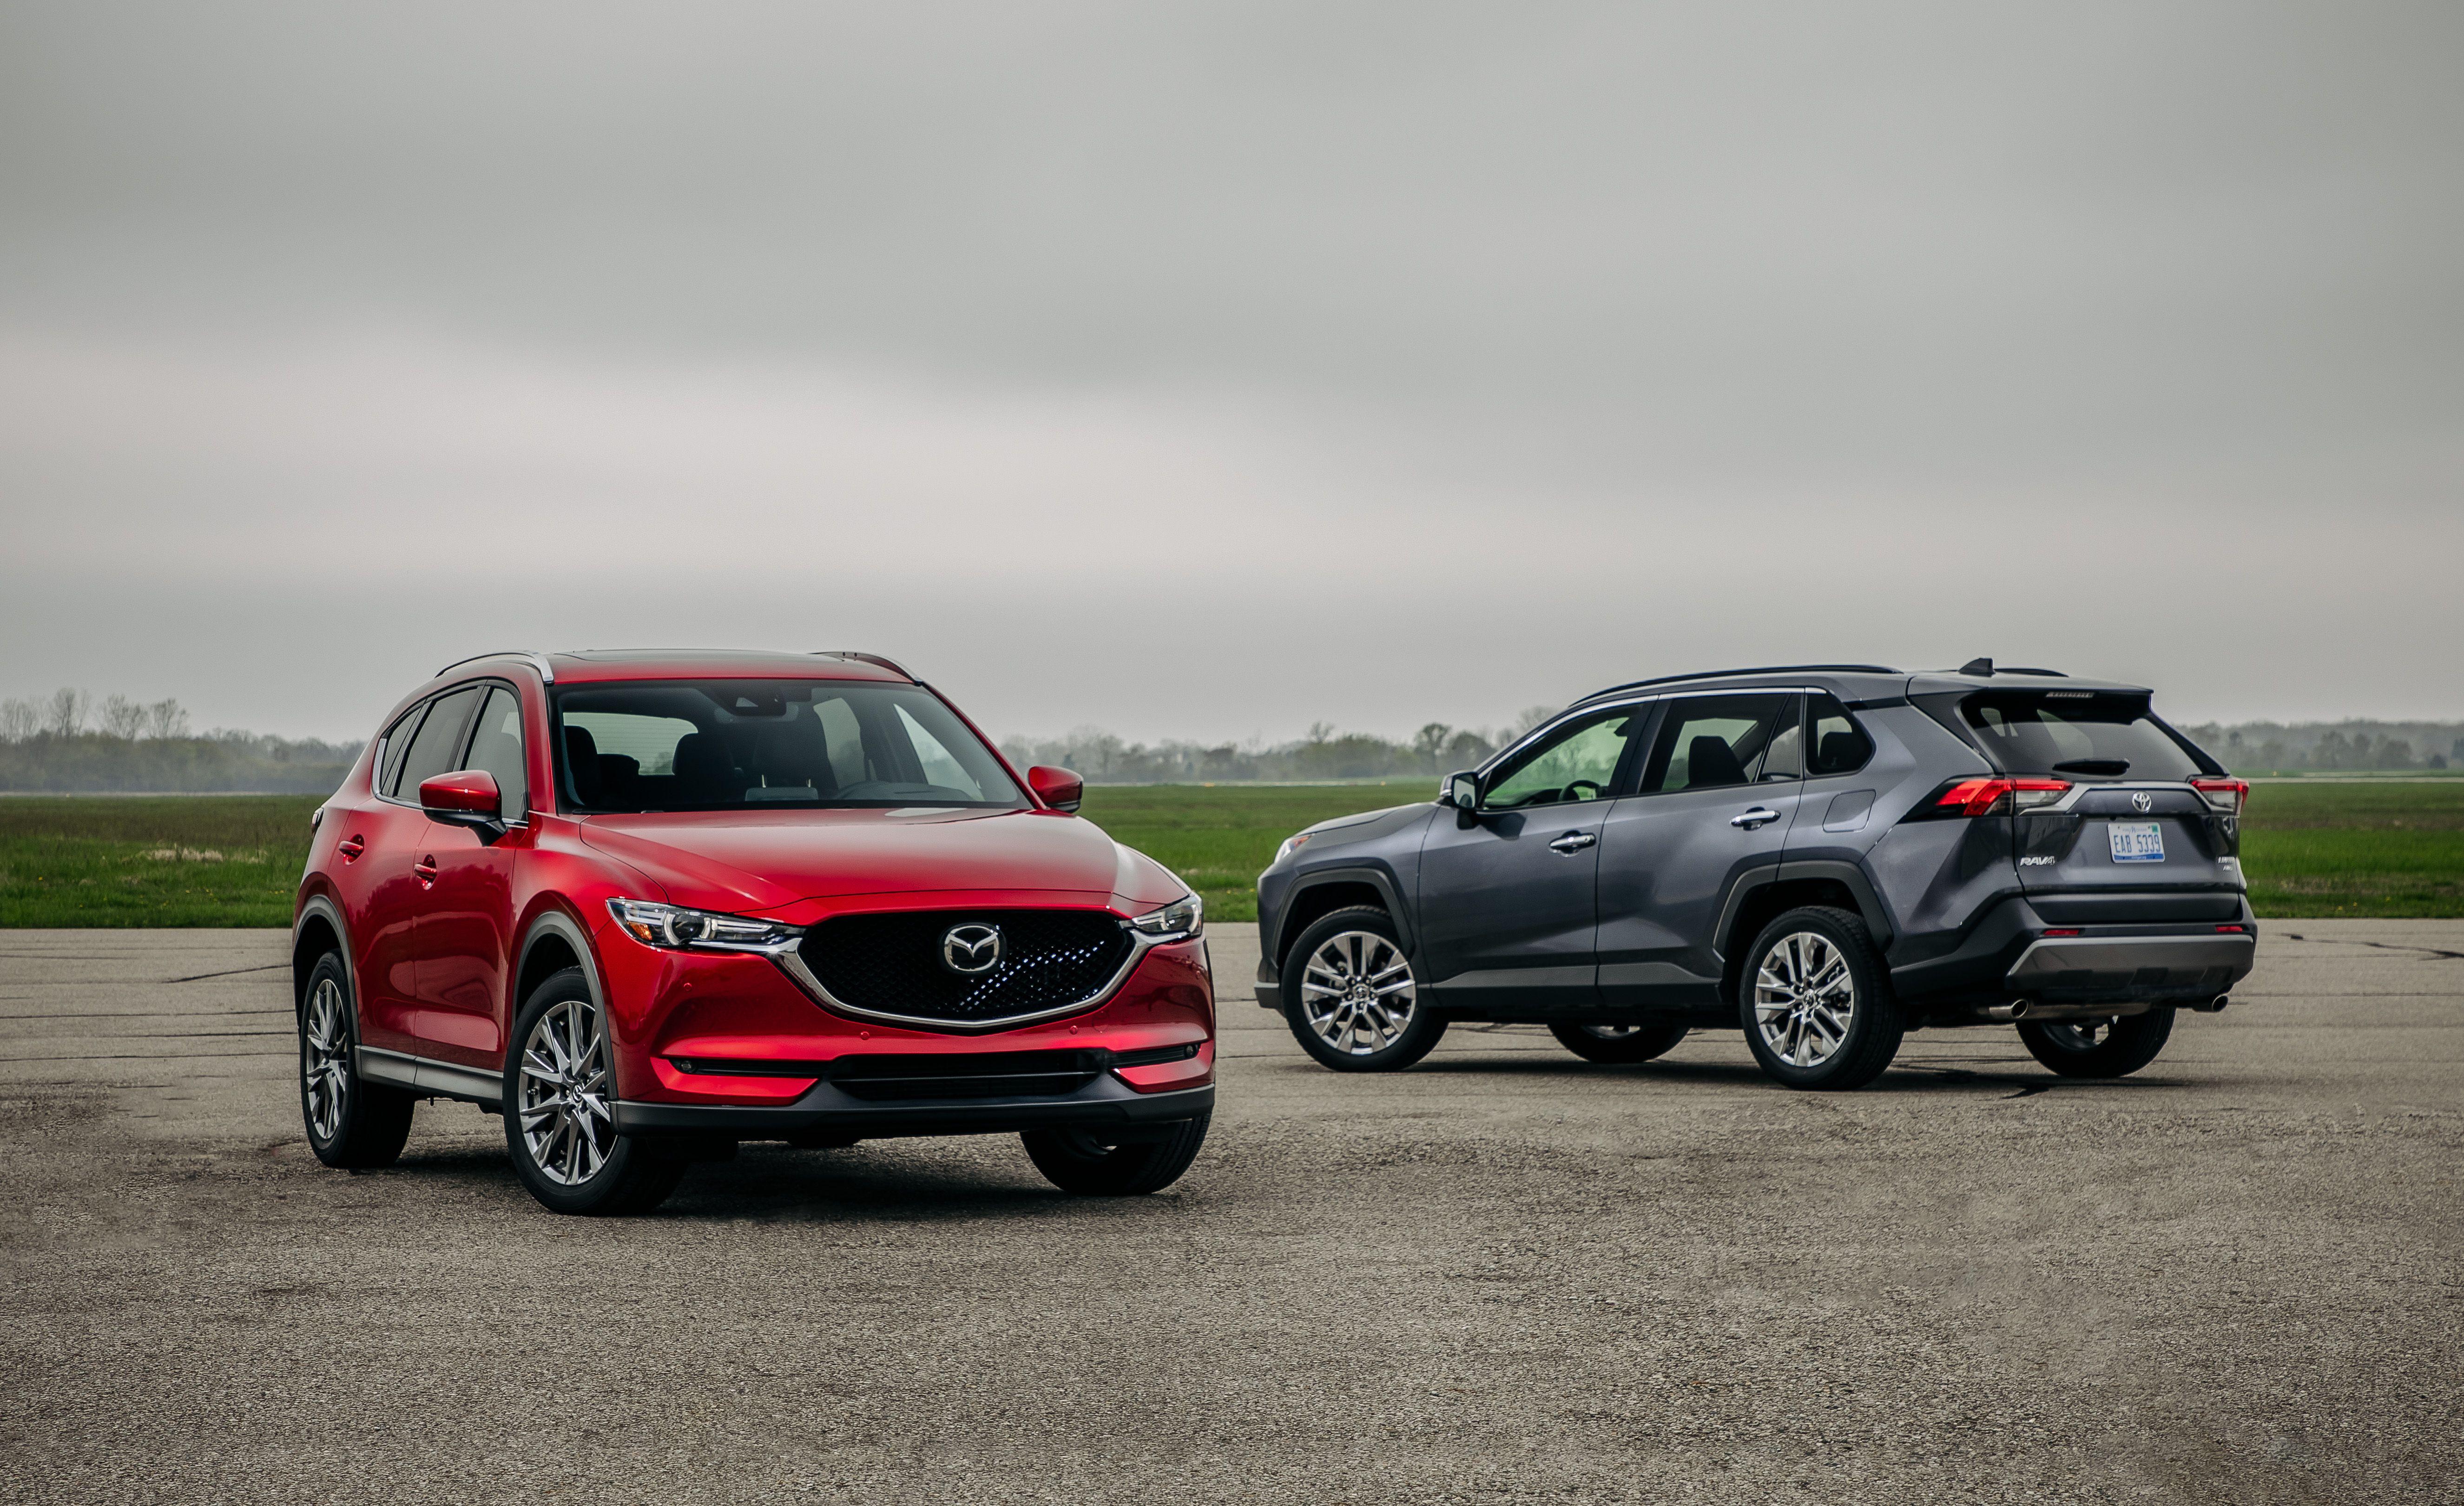 2019 Mazda Cx 5 Reviews Mazda Cx 5 Price Photos And Specs Car